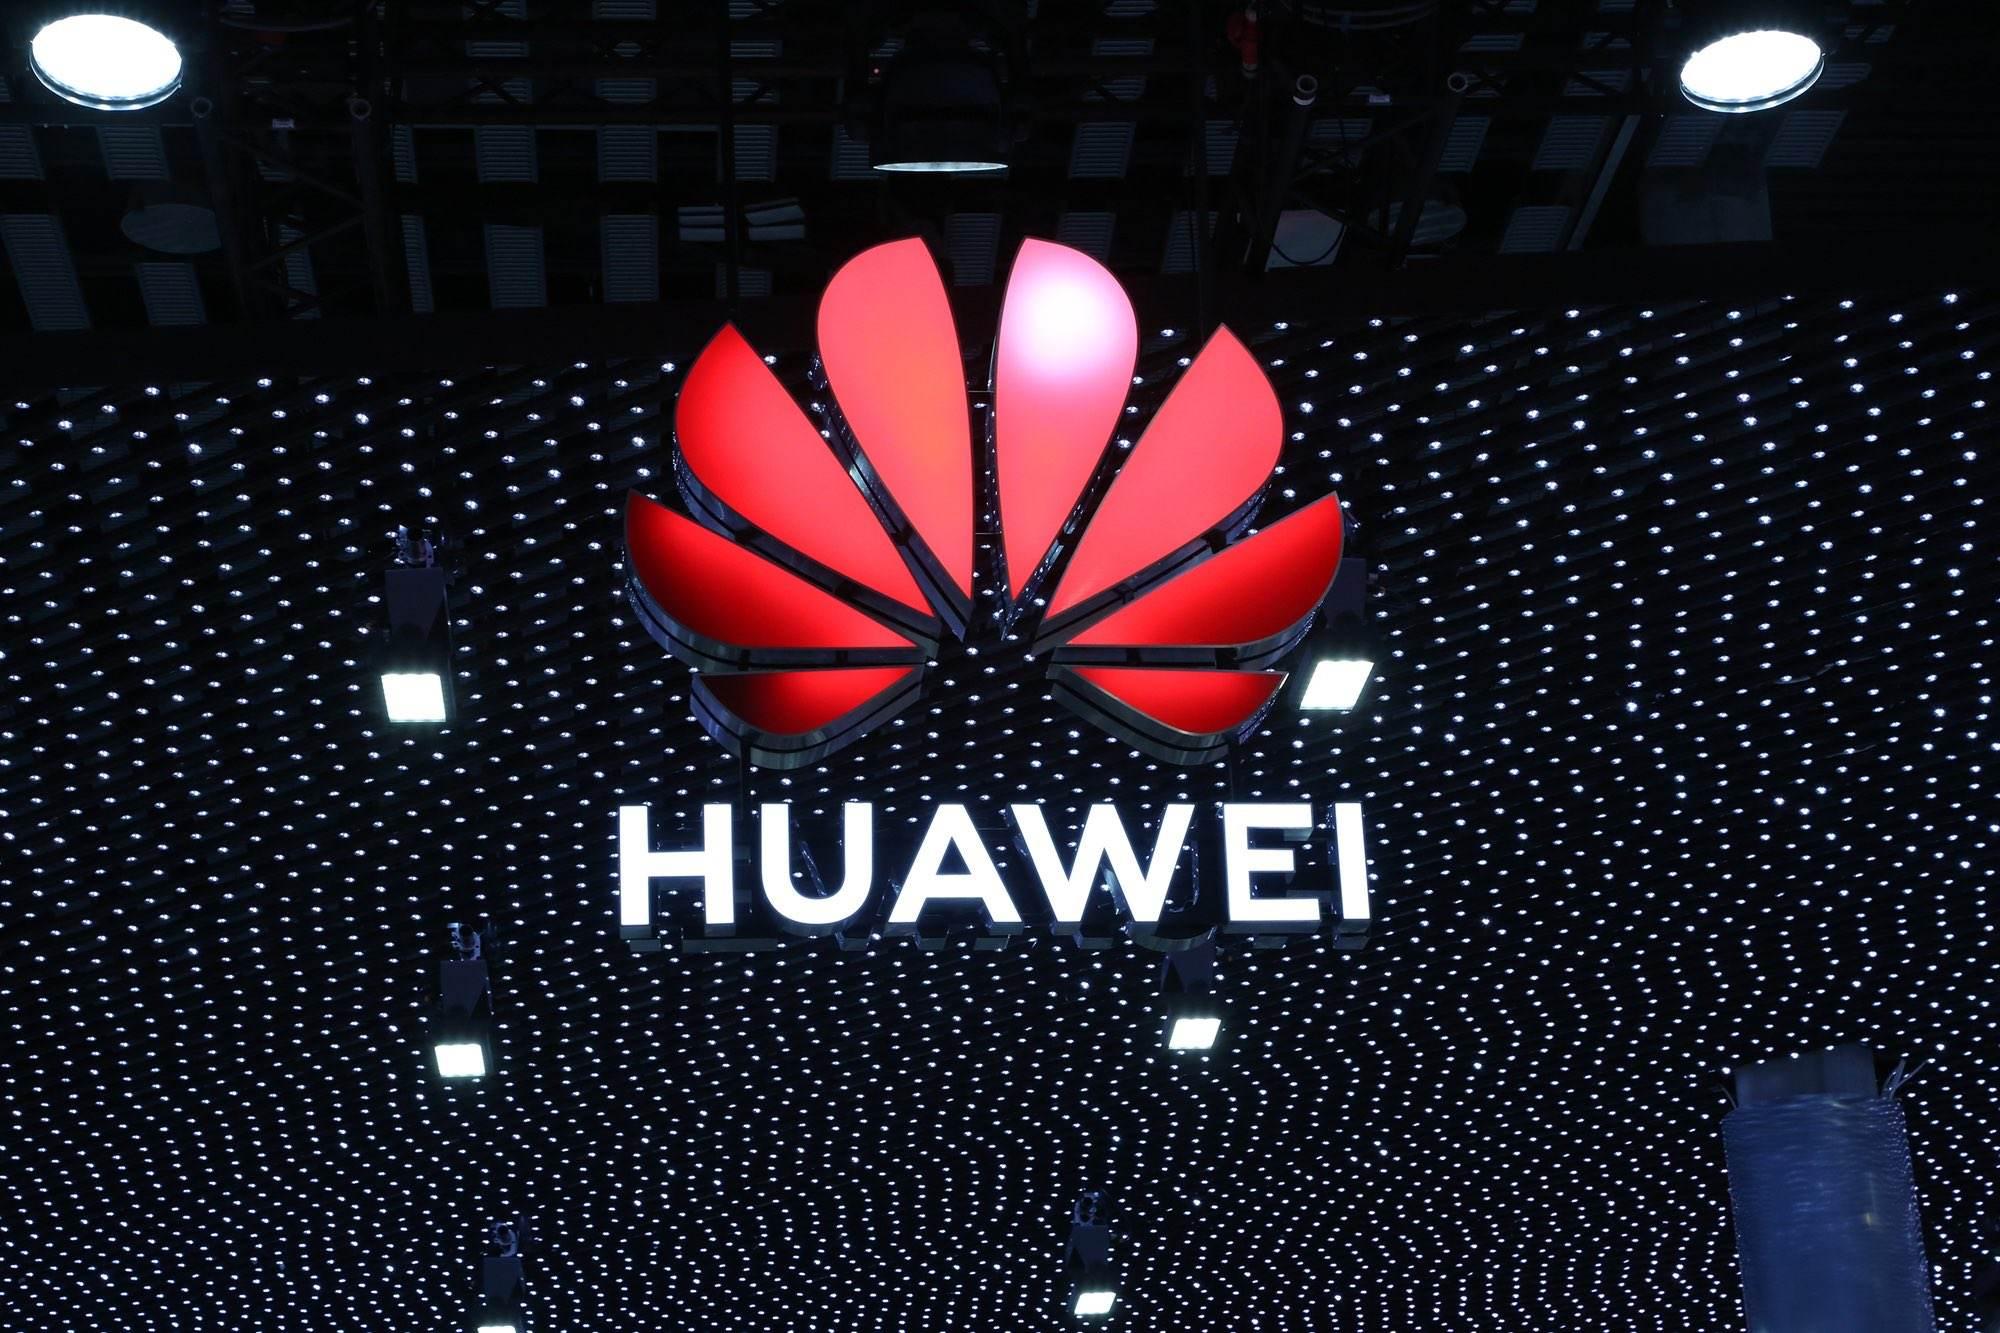 美计划切断华为芯片供应,引起铁杆盟友愤怒:现在早已不是2018_英国新闻_英国中文网